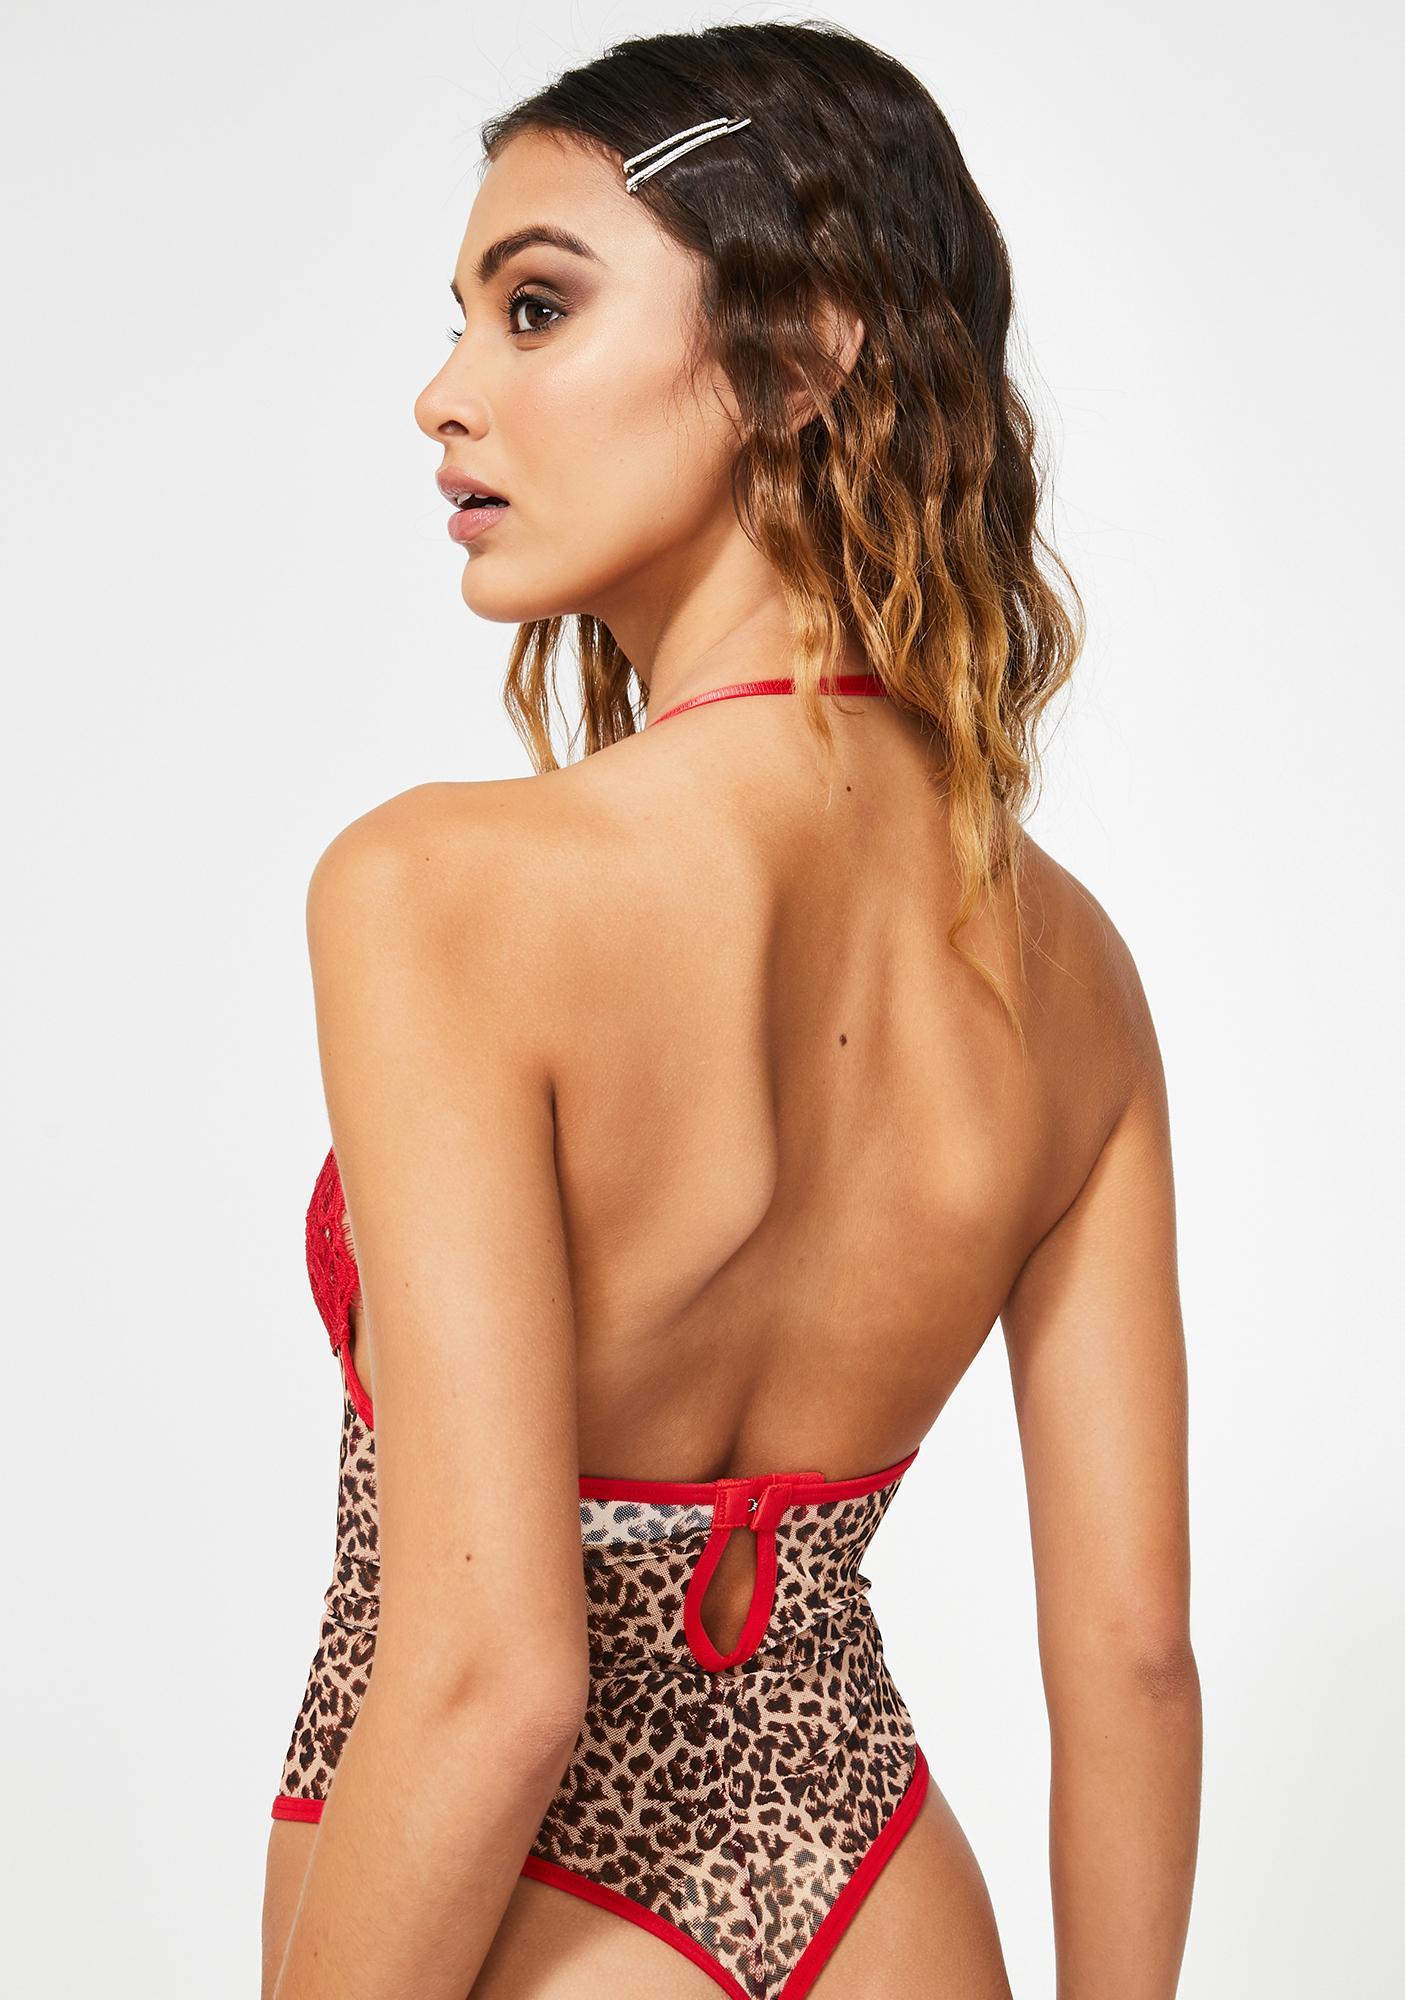 Prissy Purr Leopard Teddy